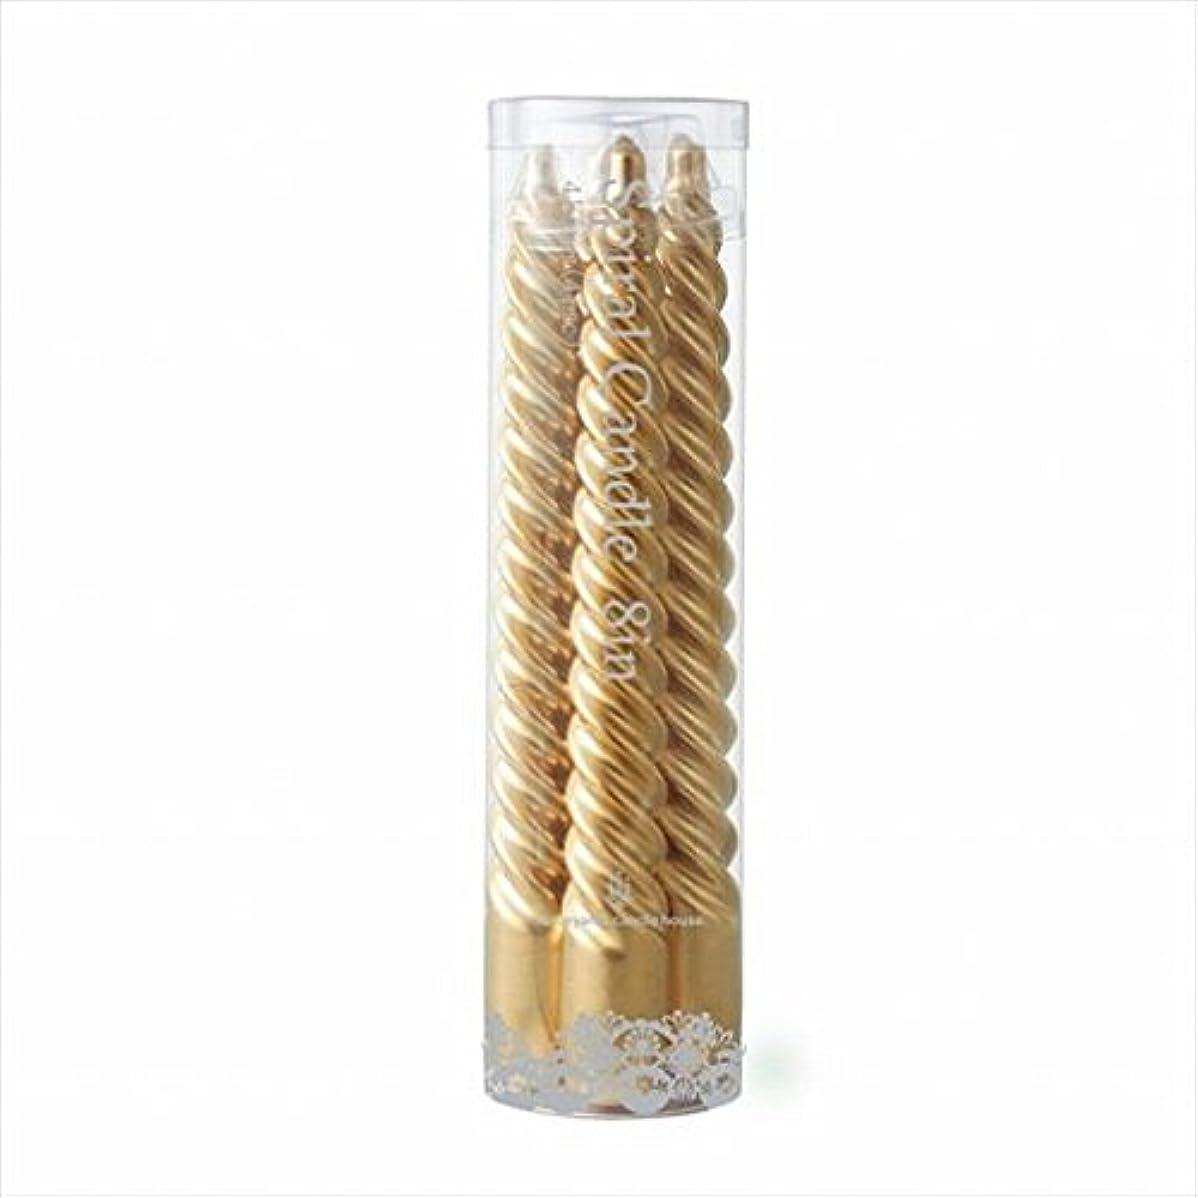 仕事忘れられない分散カメヤマキャンドル(kameyama candle) 8インチスパイラル4本入り 「 ゴールド 」6箱セット